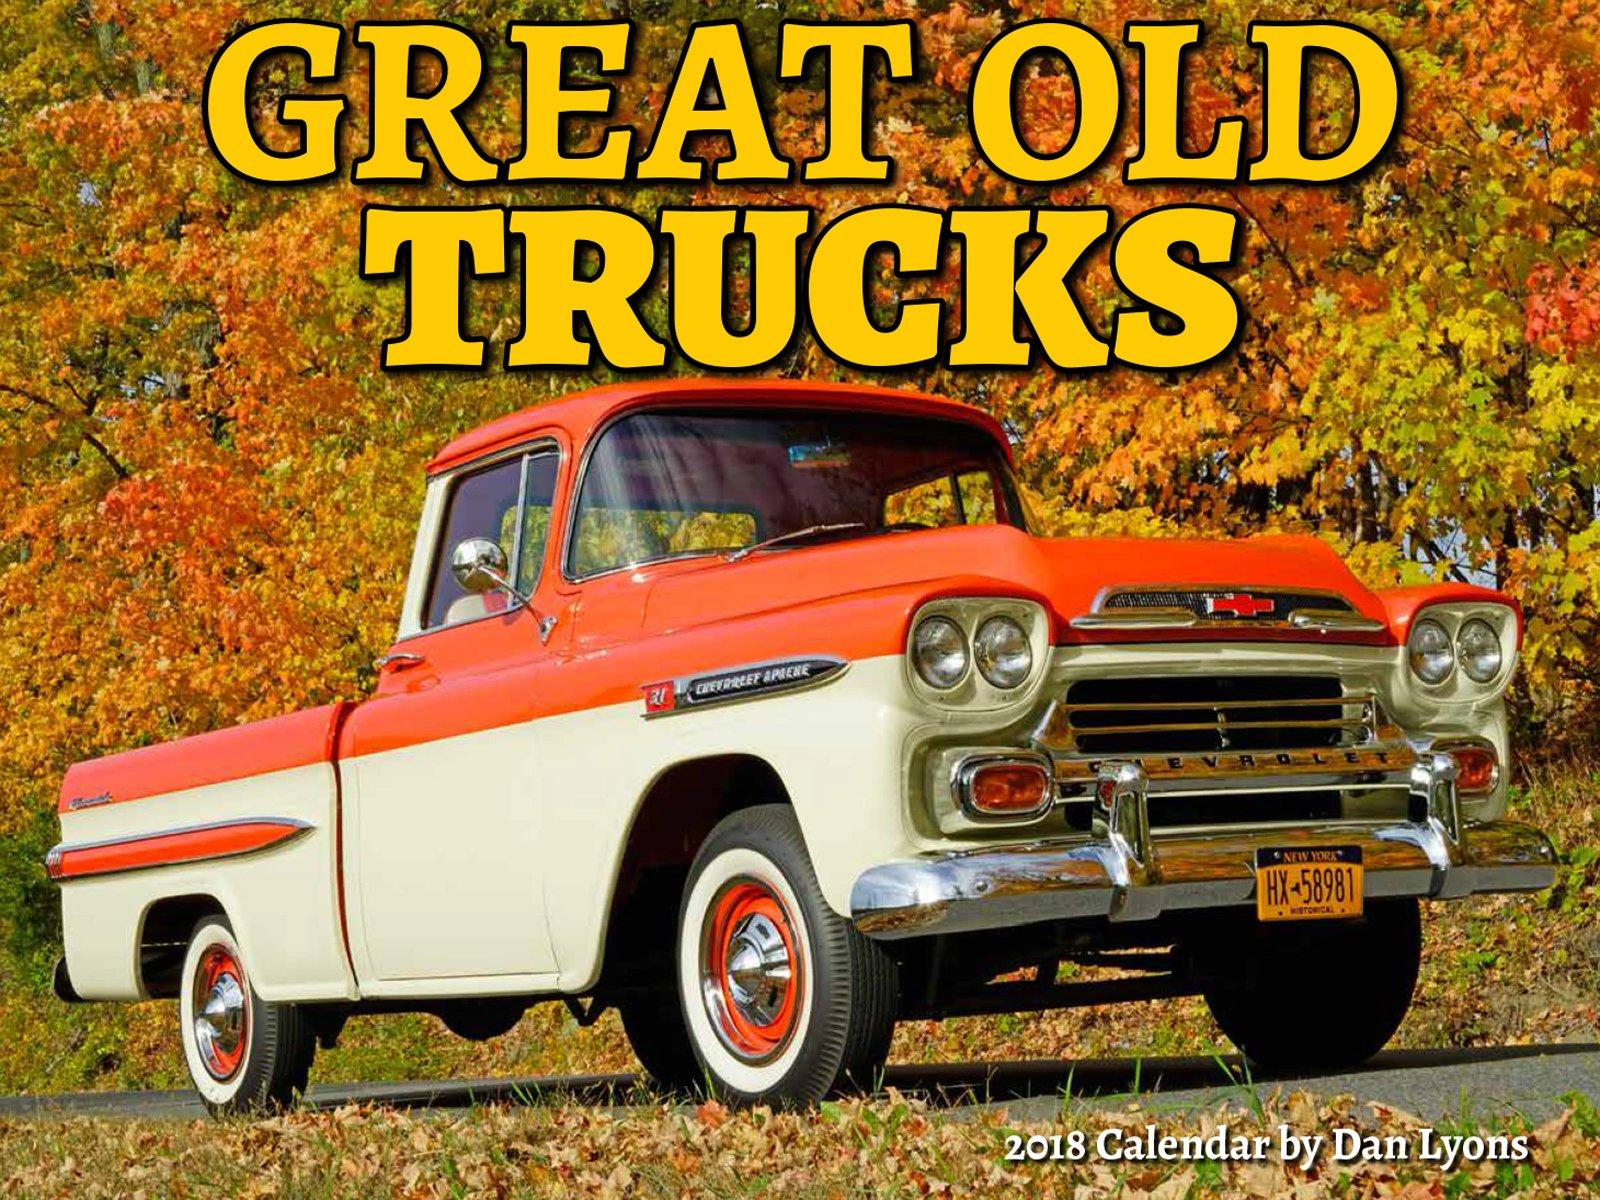 Great Old Trucks 2018 Calendar: Dan Lyons: 9781631141645: Amazon.com ...